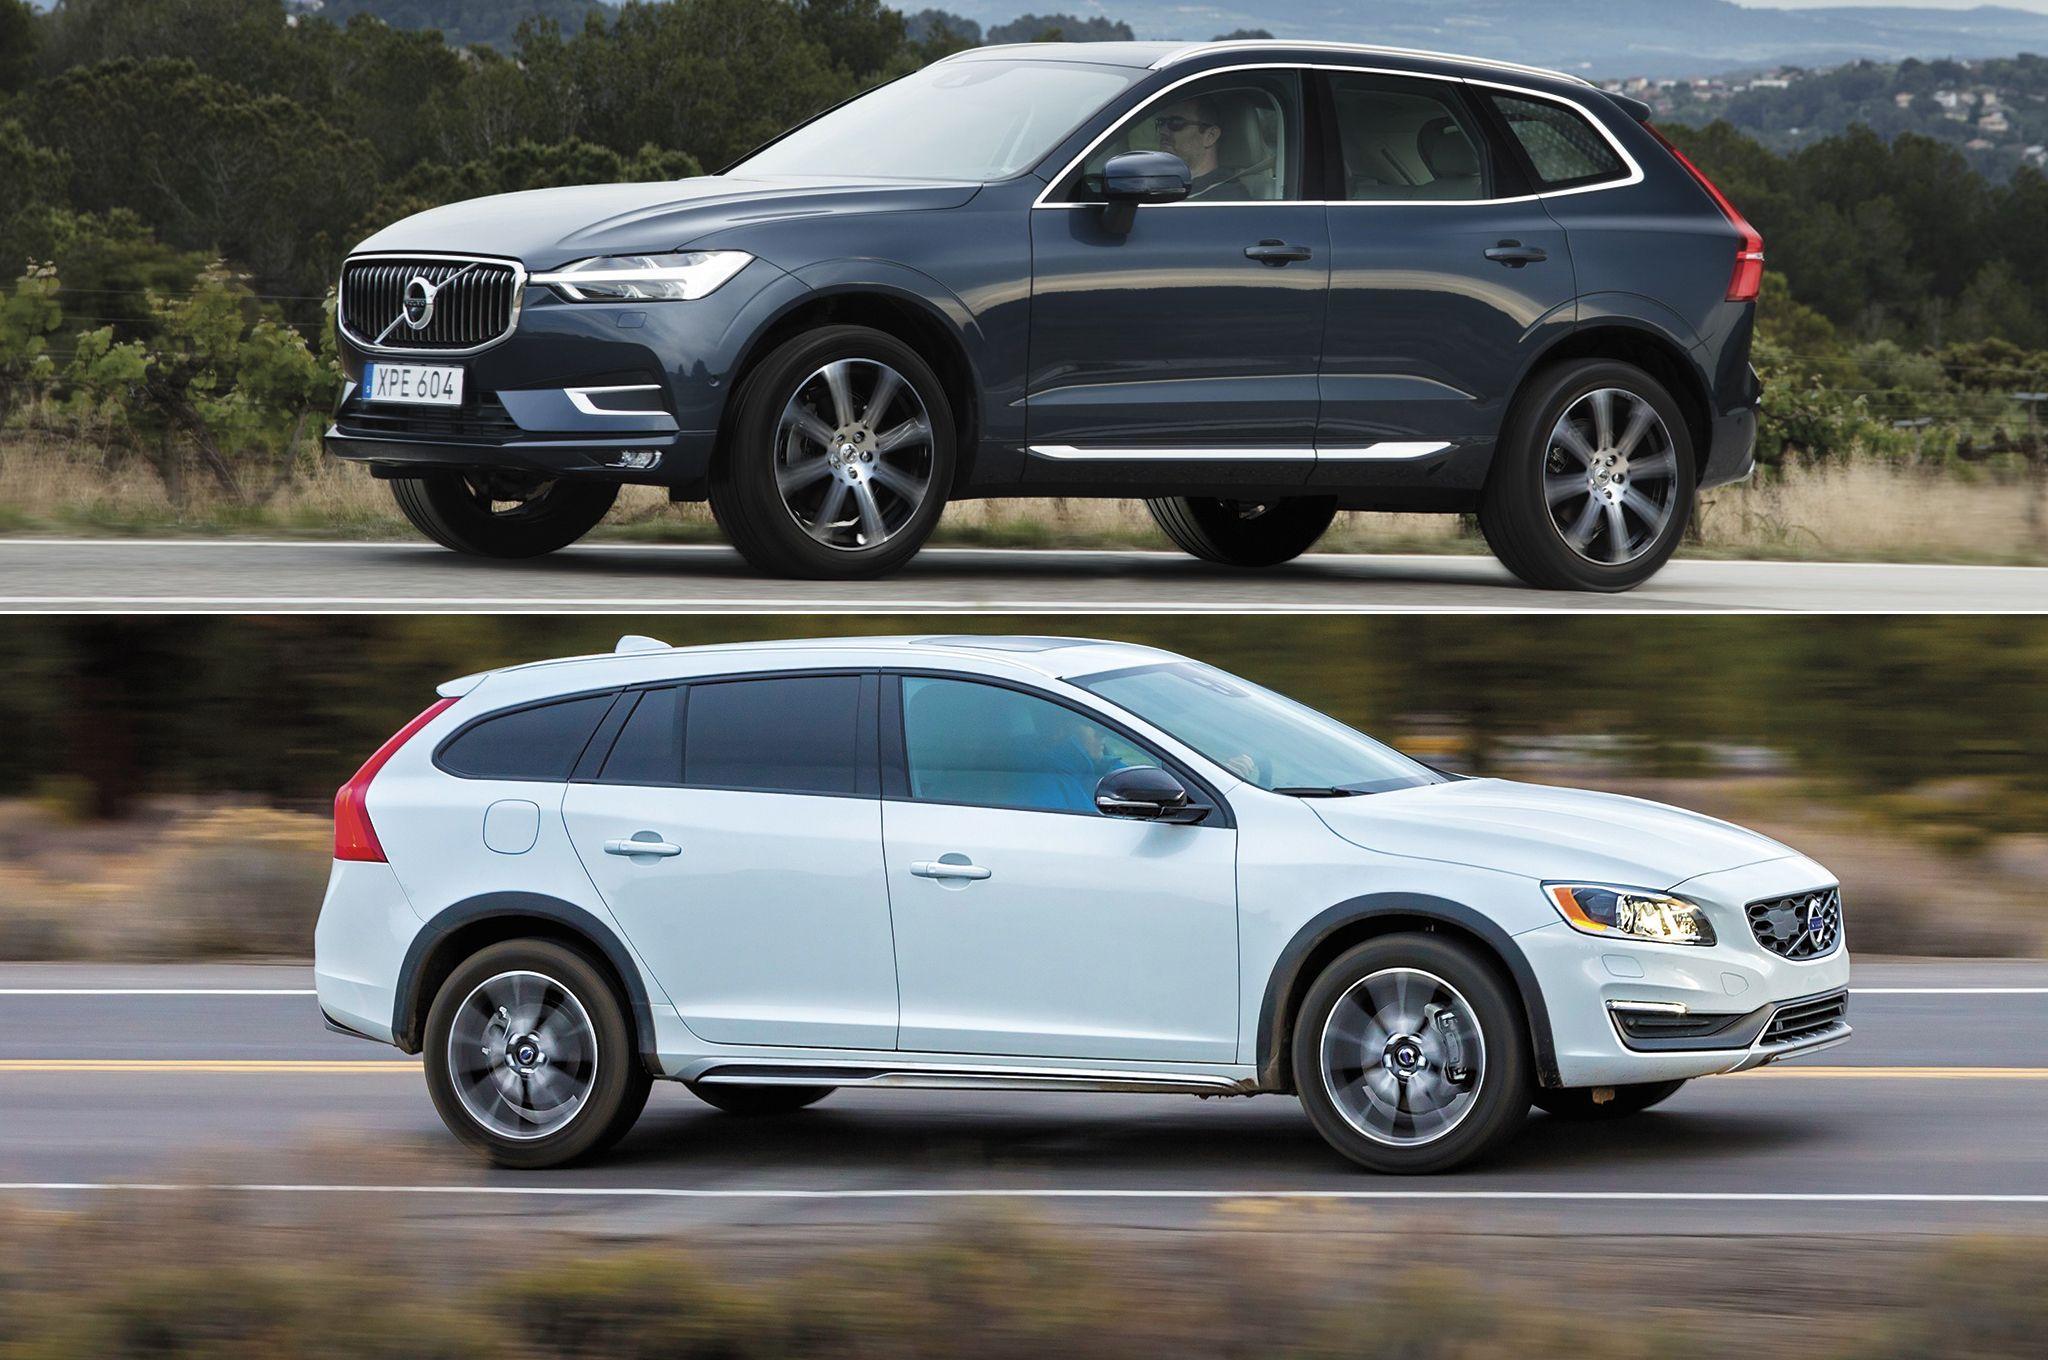 2018 Volvo Xc60 Or 2017 Volvo V60 Cross Country Volvo V60 Volvo Xc60 Volvo